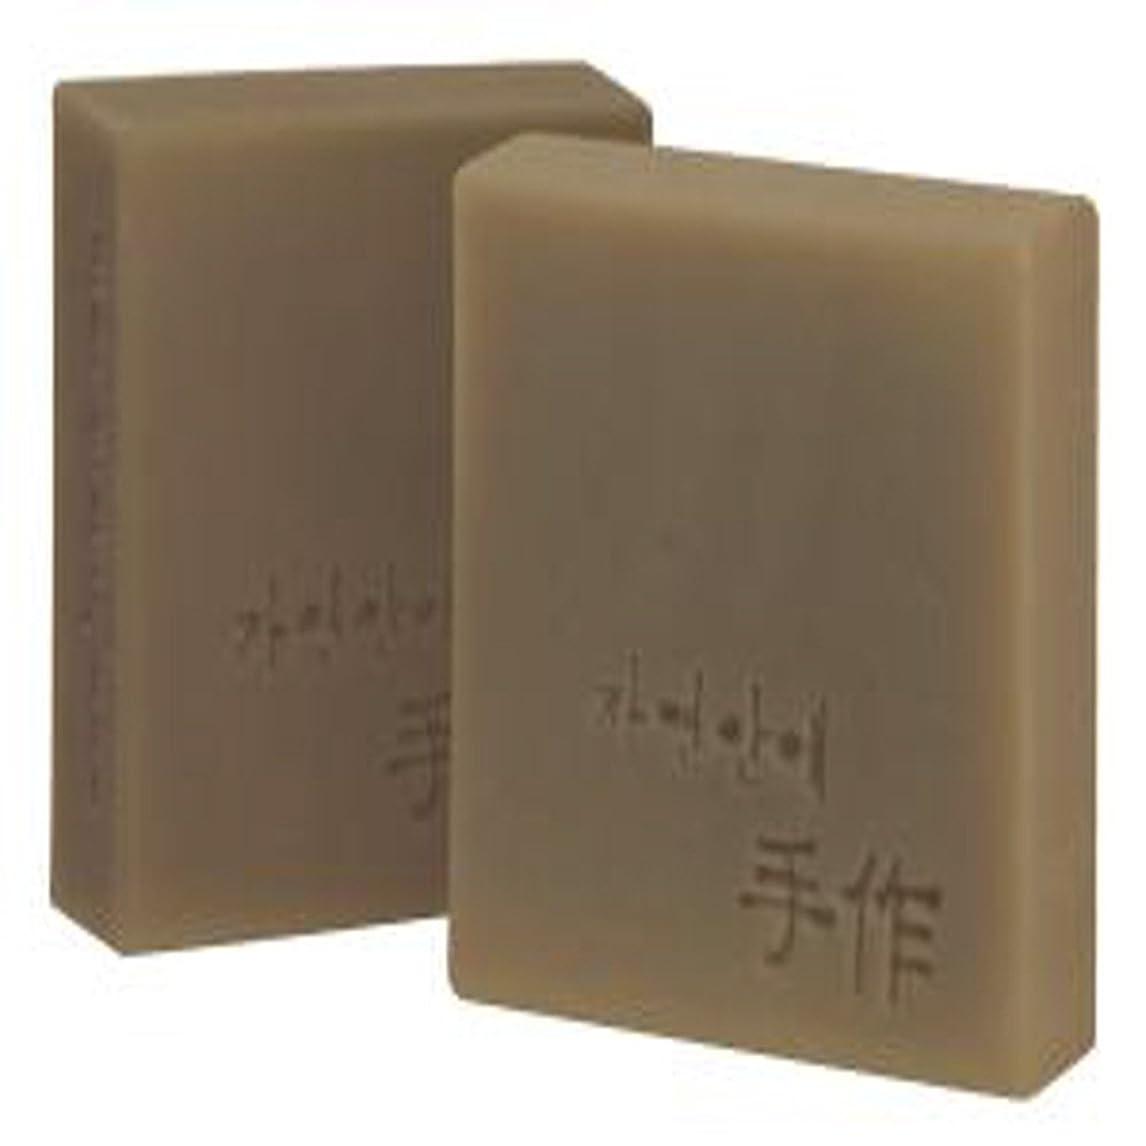 通路解釈的システムNatural organic 有機天然ソープ 固形 無添加 洗顔せっけんクレンジング [並行輸入品] (トサジャ)